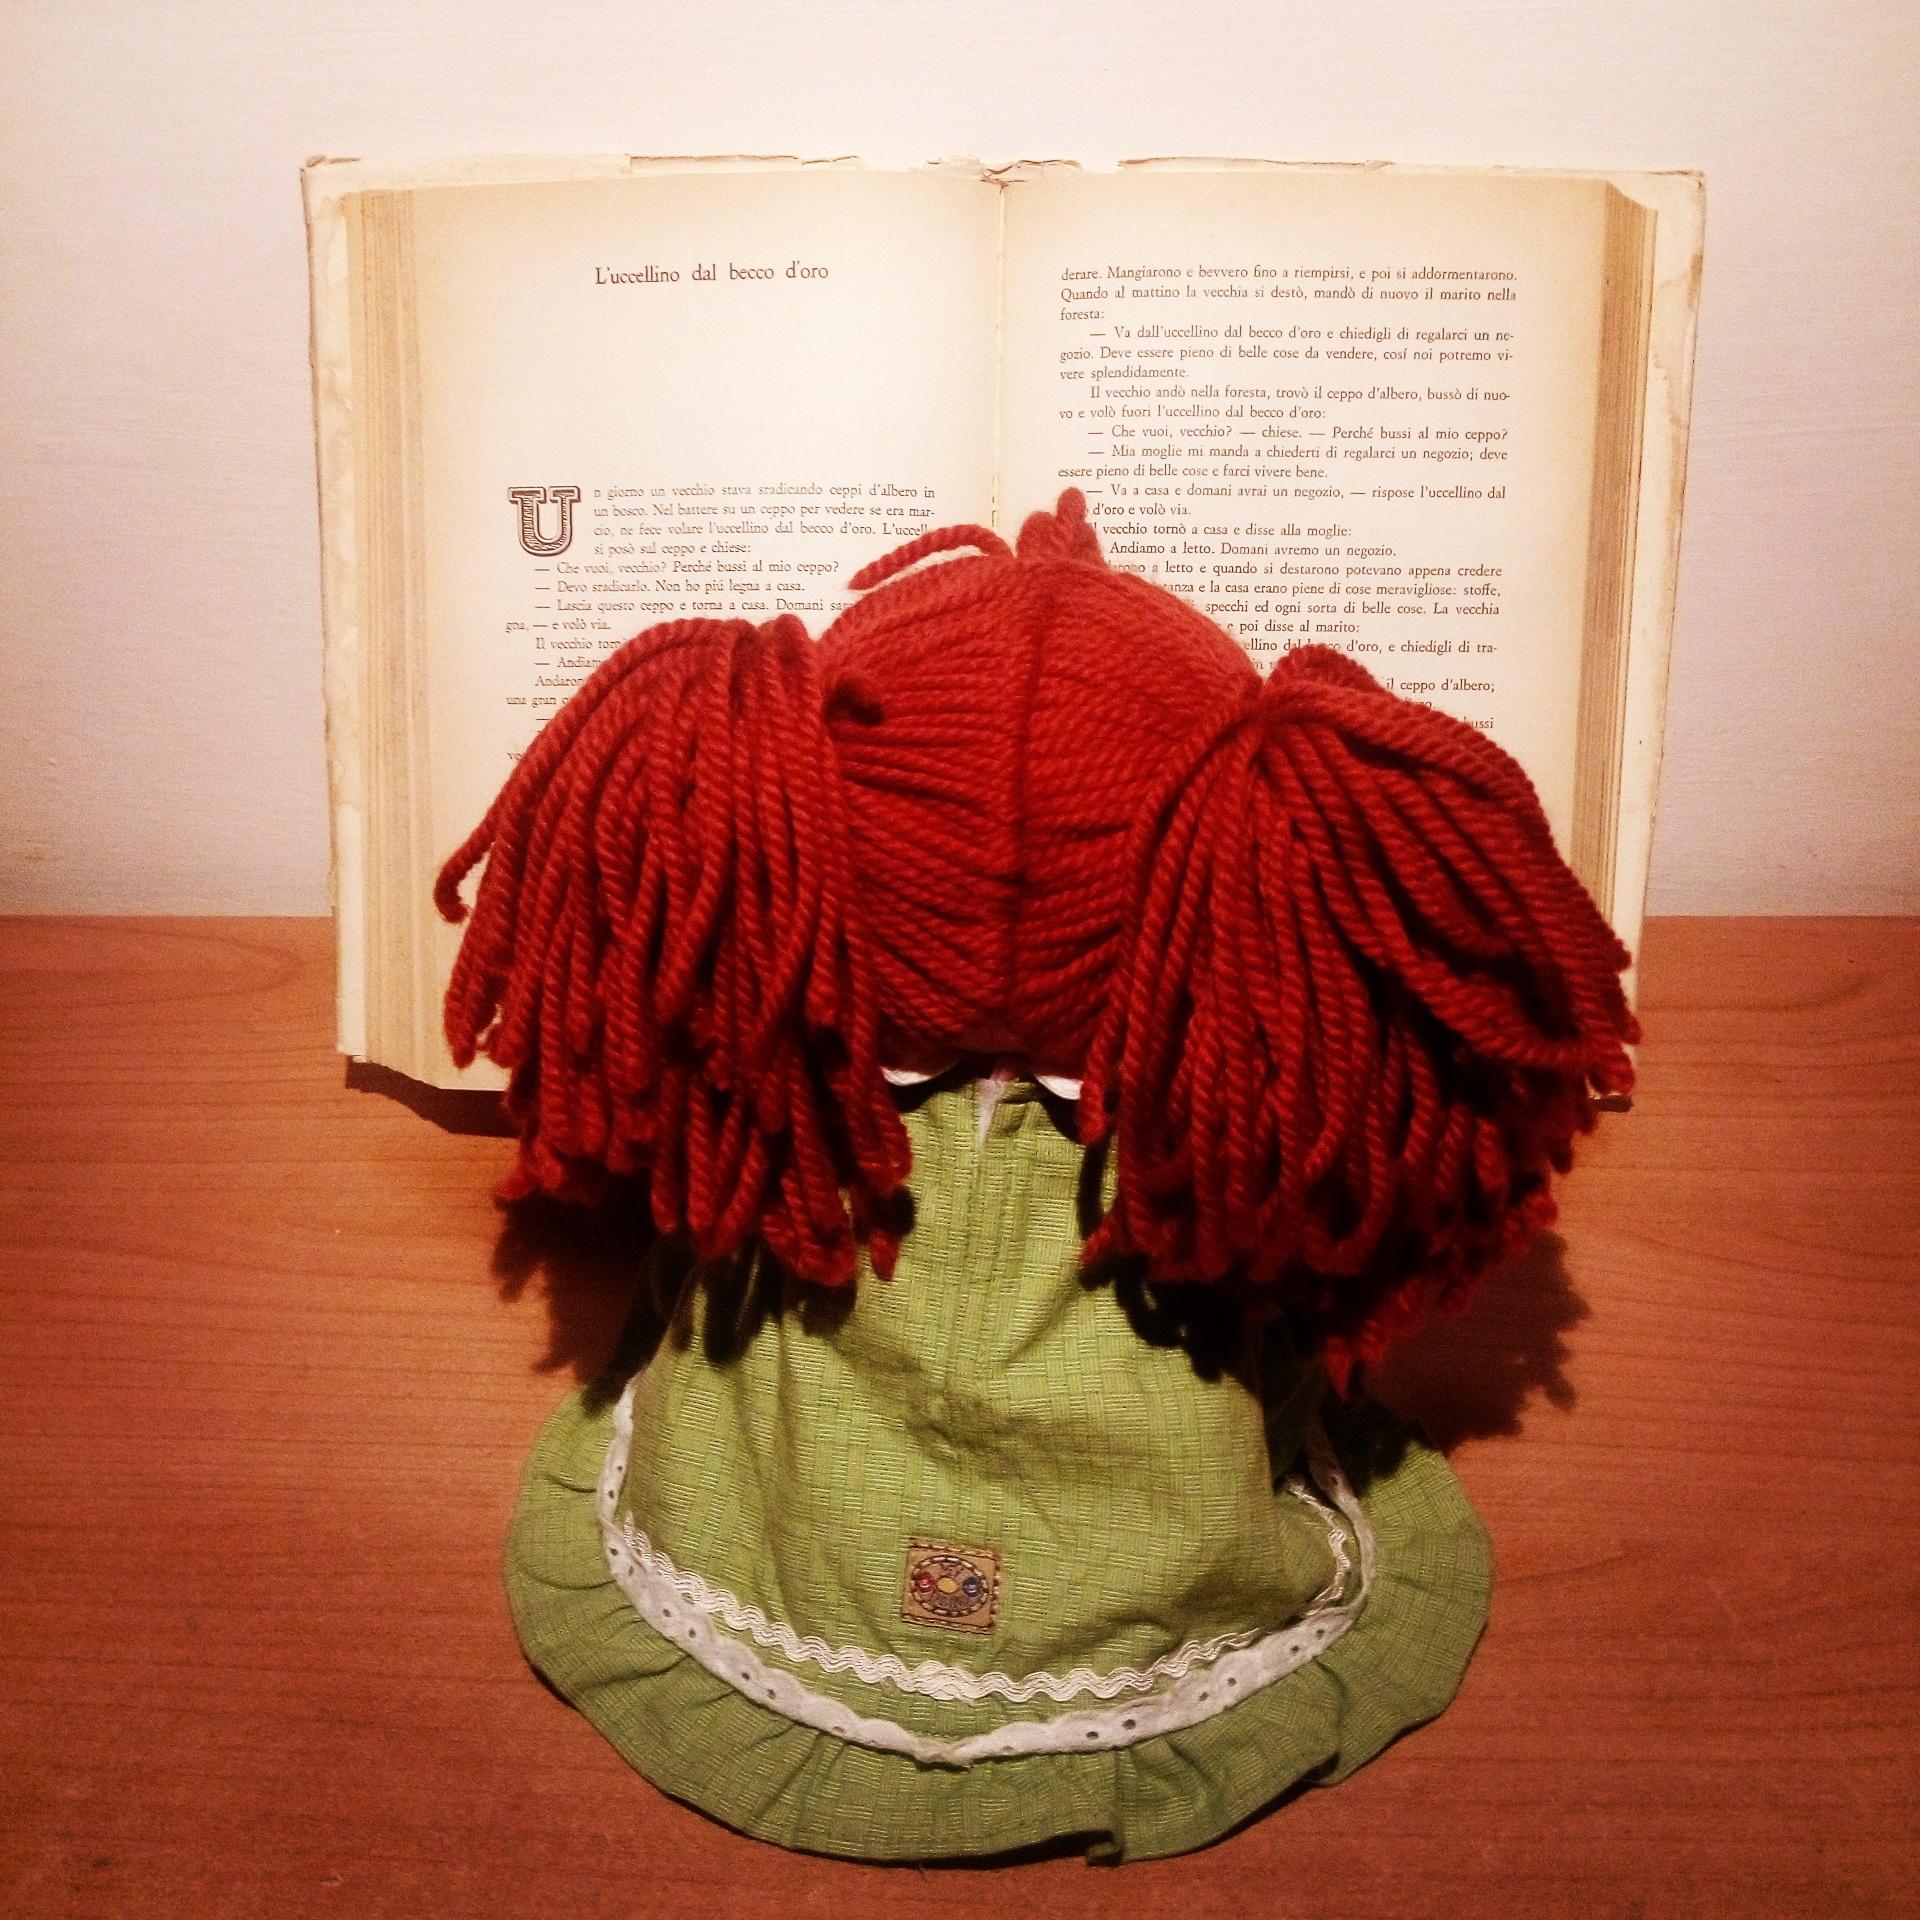 Fotos gratis : libro, leer, flor, patrón, color, ropa, rosado ...